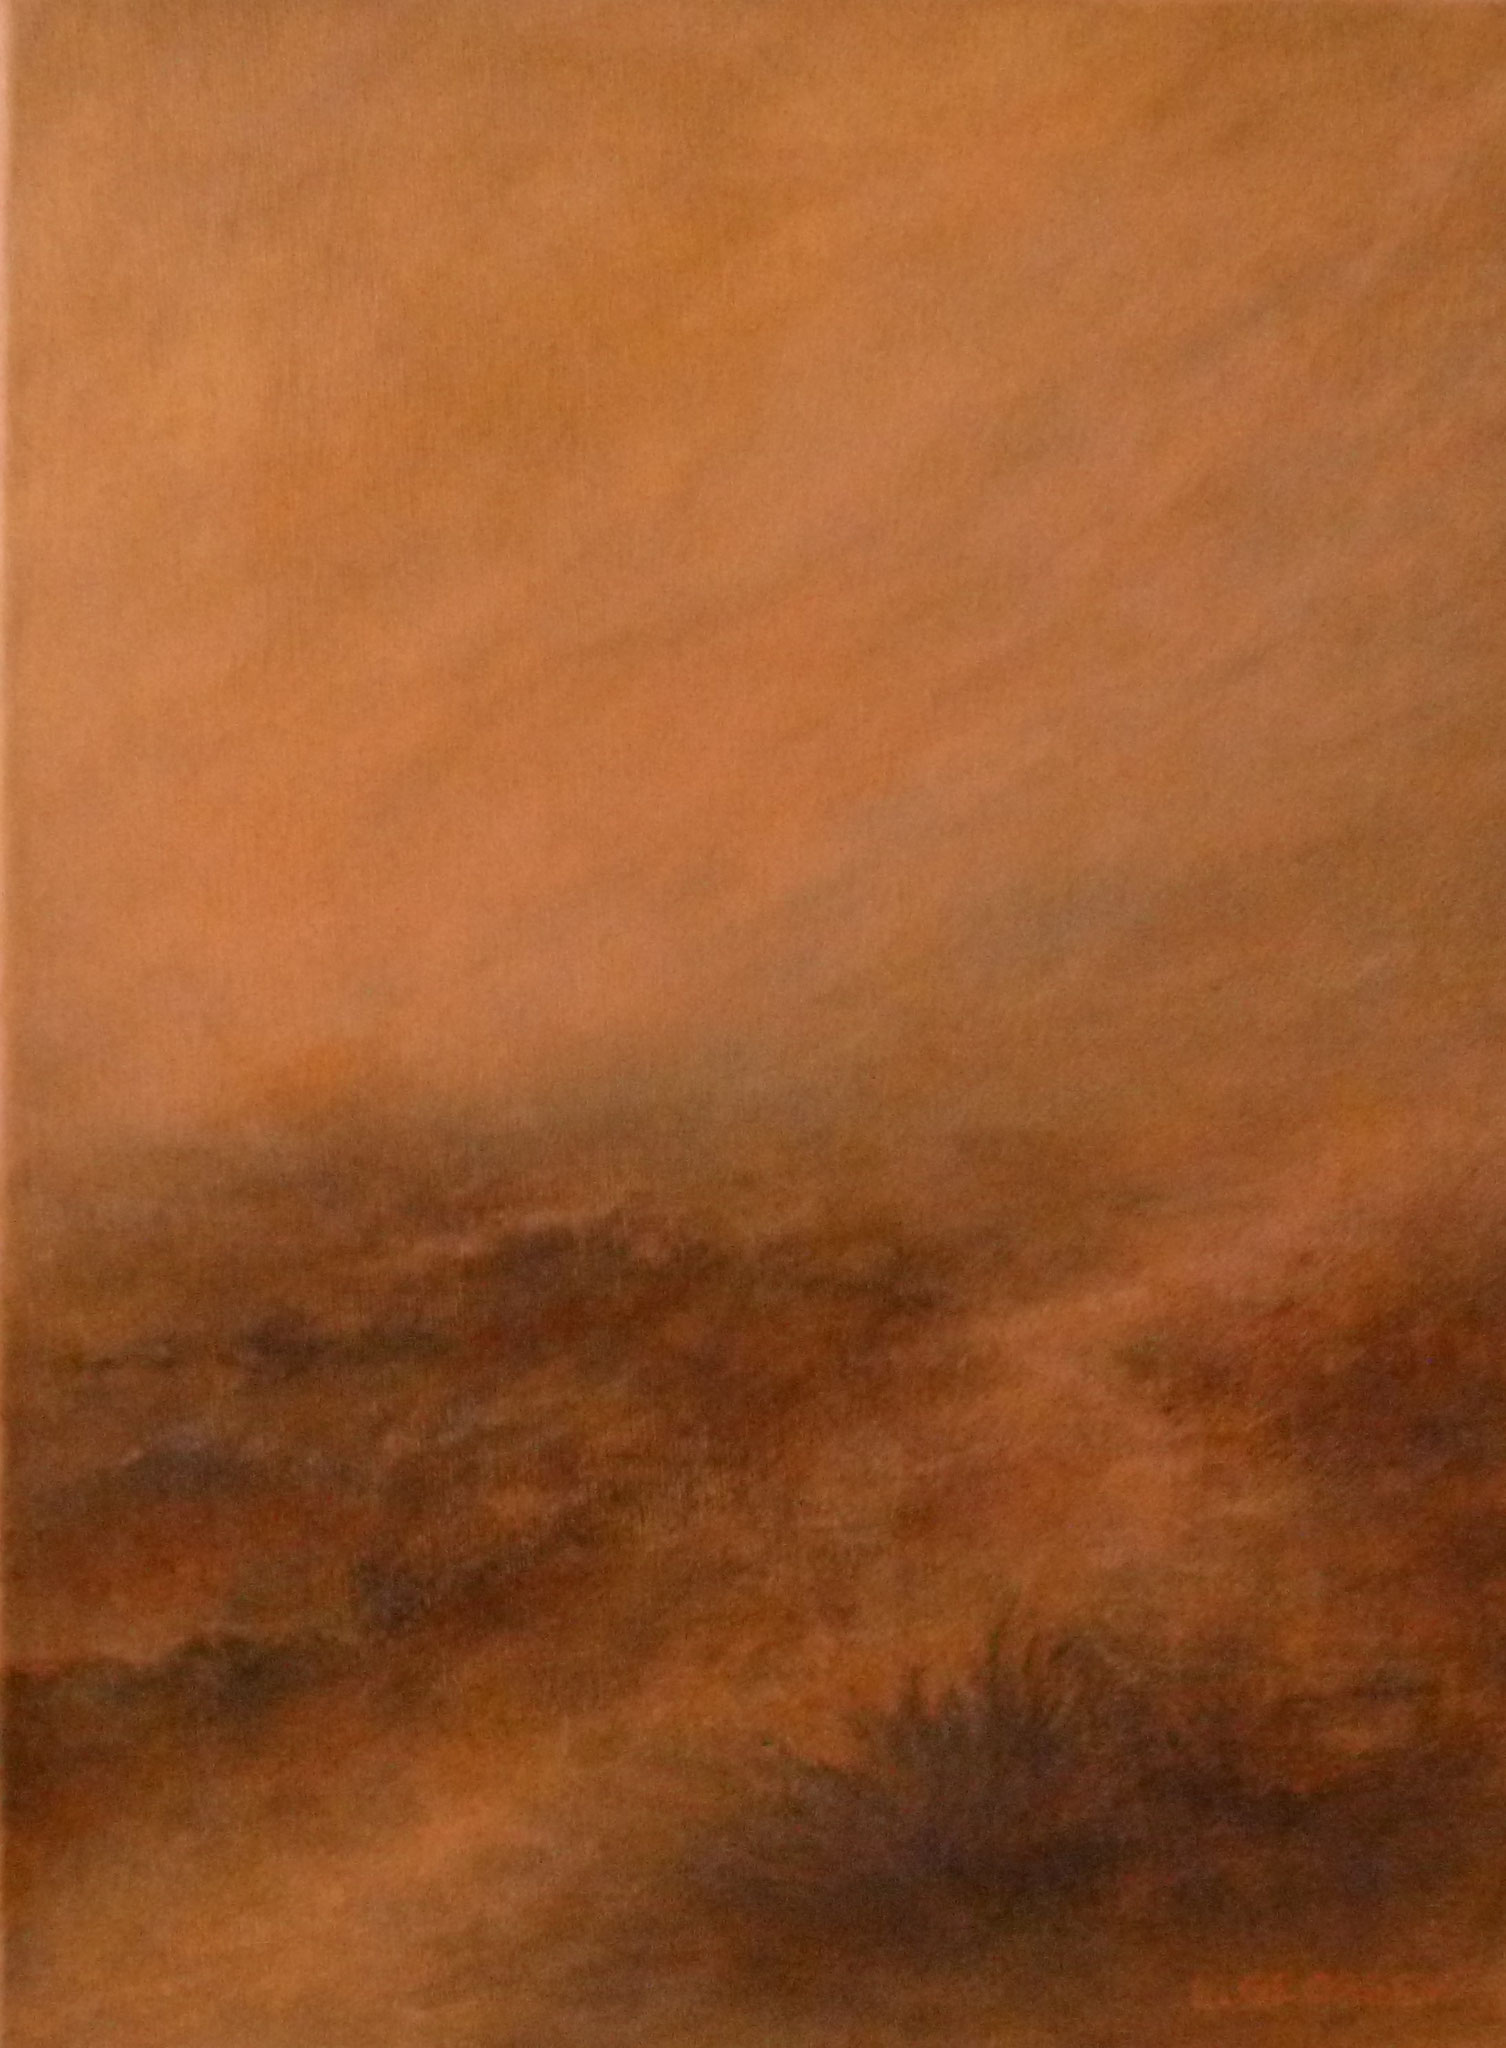 MATINALE, acrylique sur toile, 40x30 cm